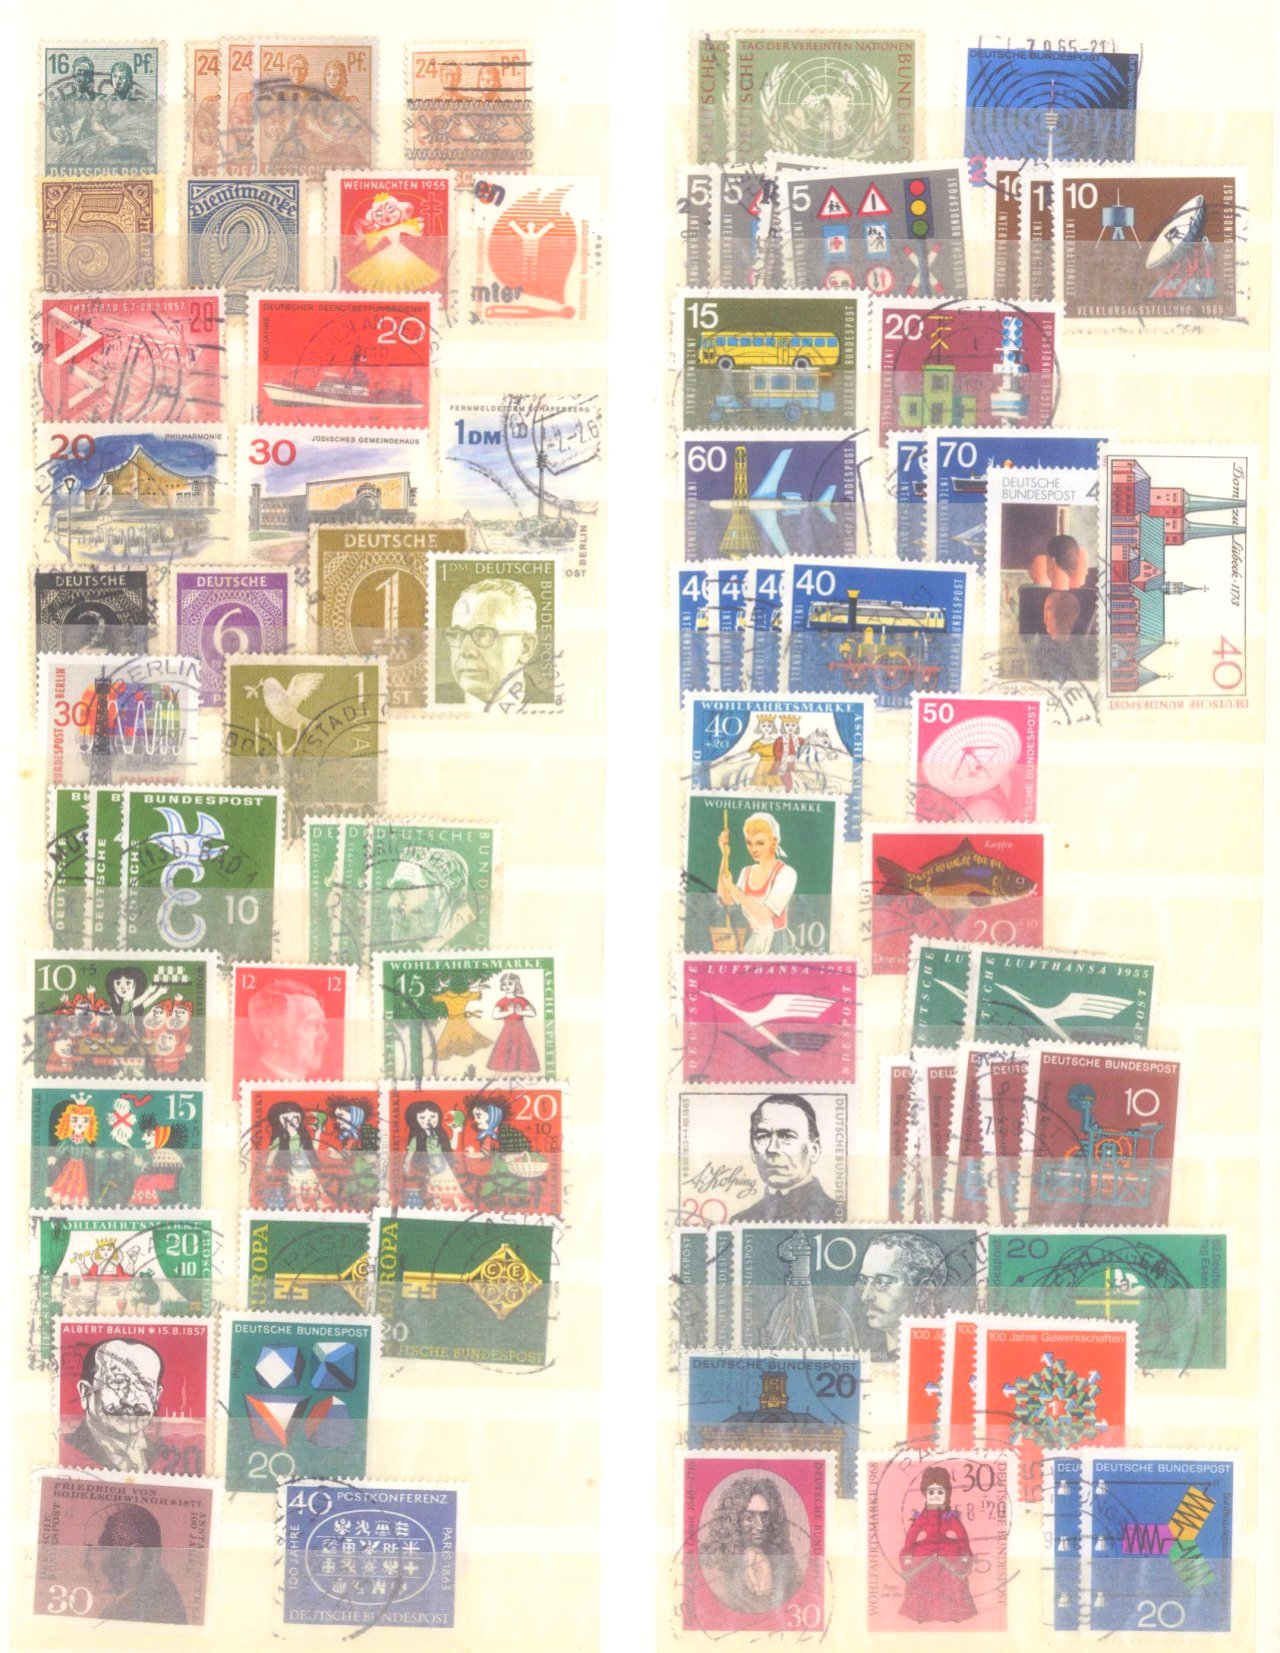 Kleiner Briefmarkennachlass Alle Welt-10